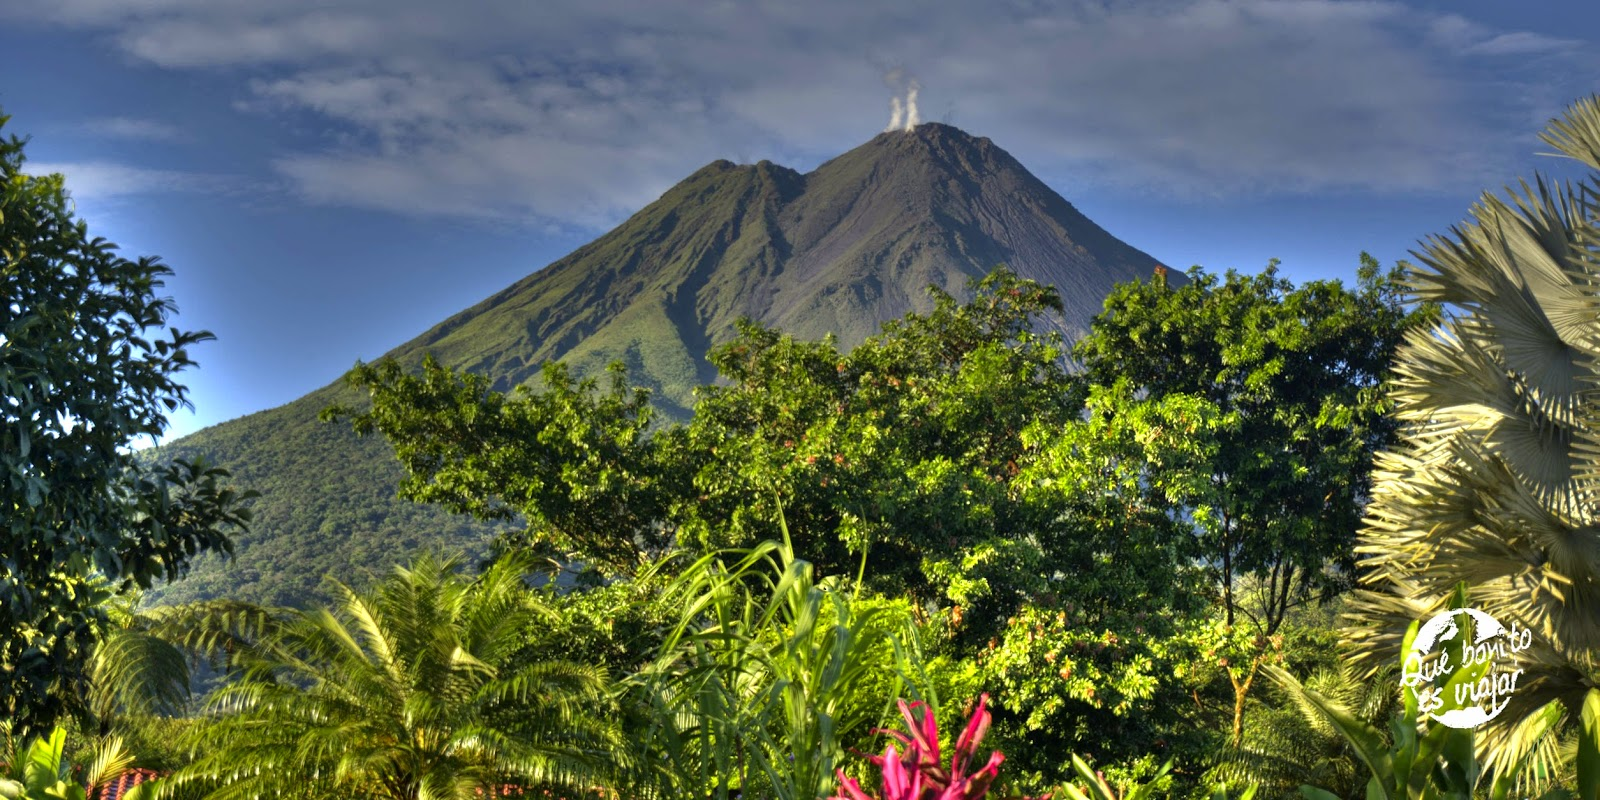 Guía para visitar los volcanes de Costa Rica | Conozca su